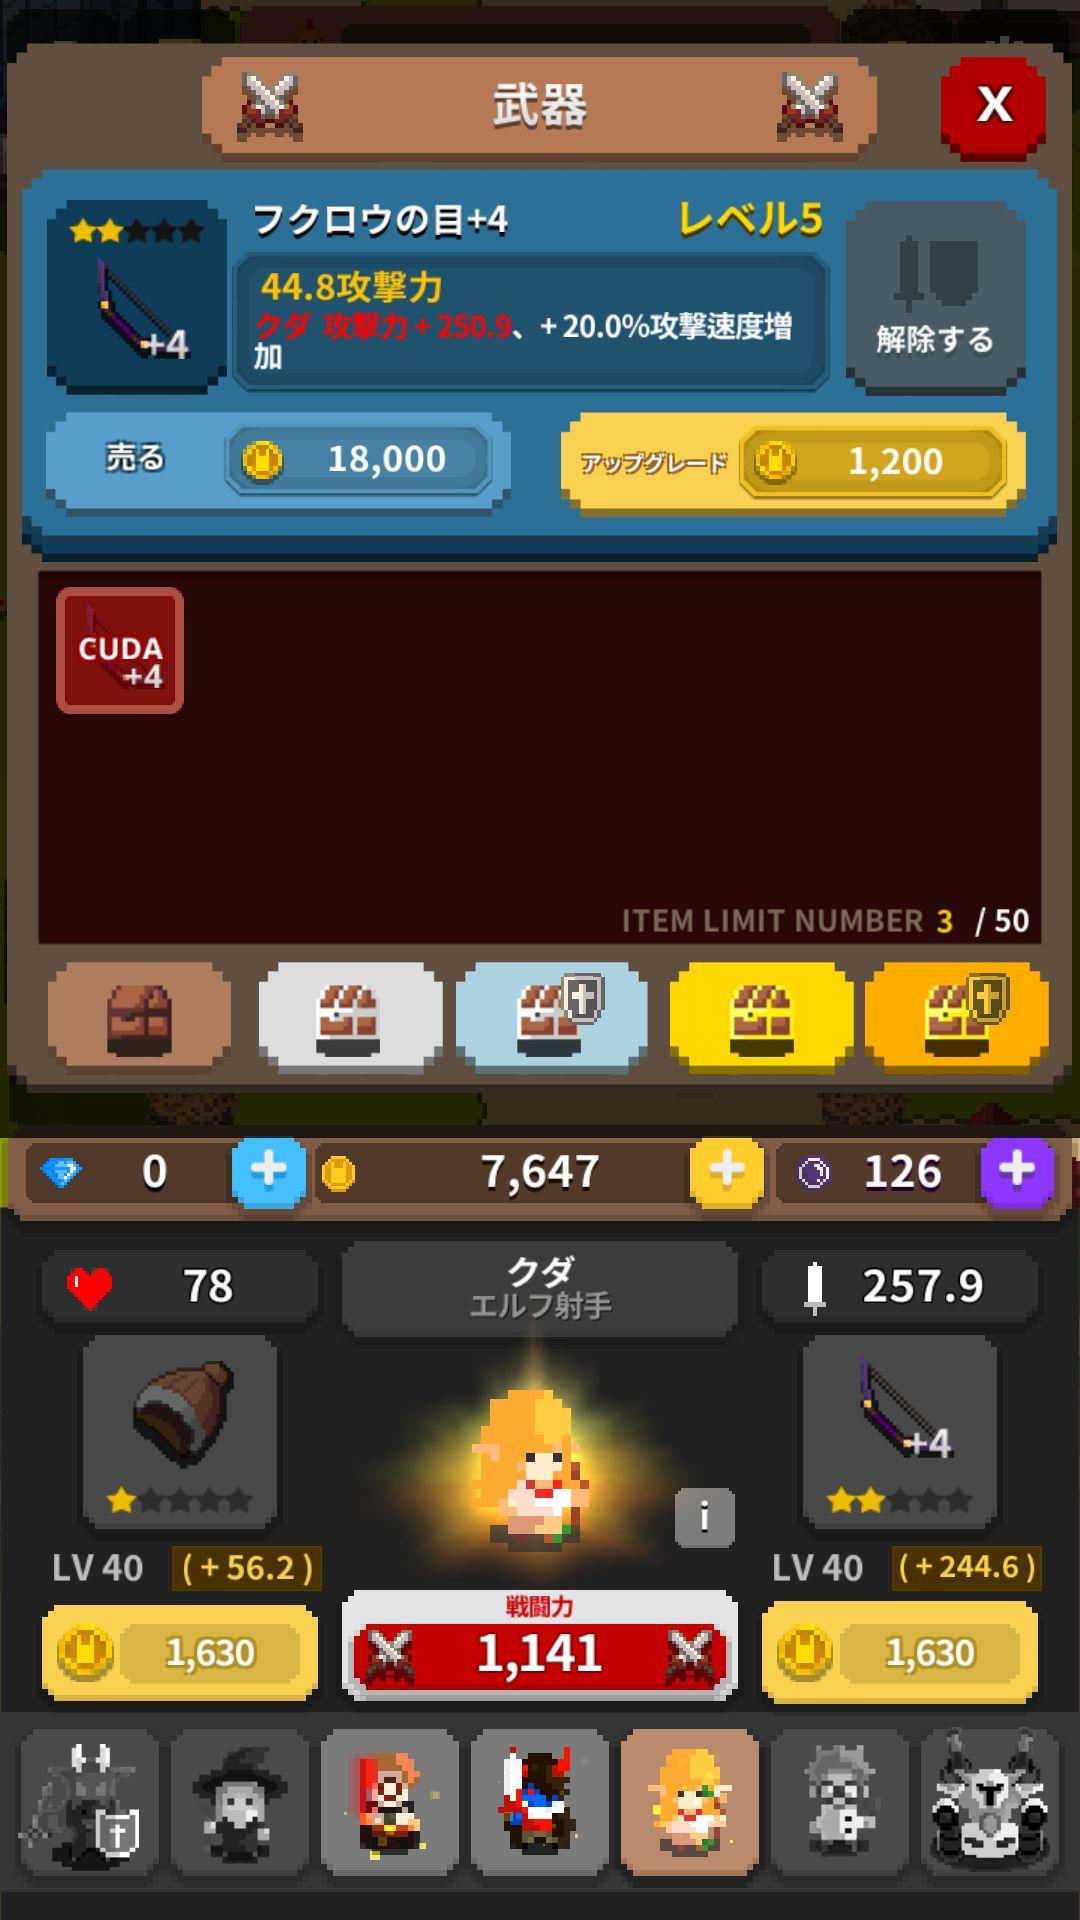 レトロ戦隊 ドットレンジャー androidアプリスクリーンショット3